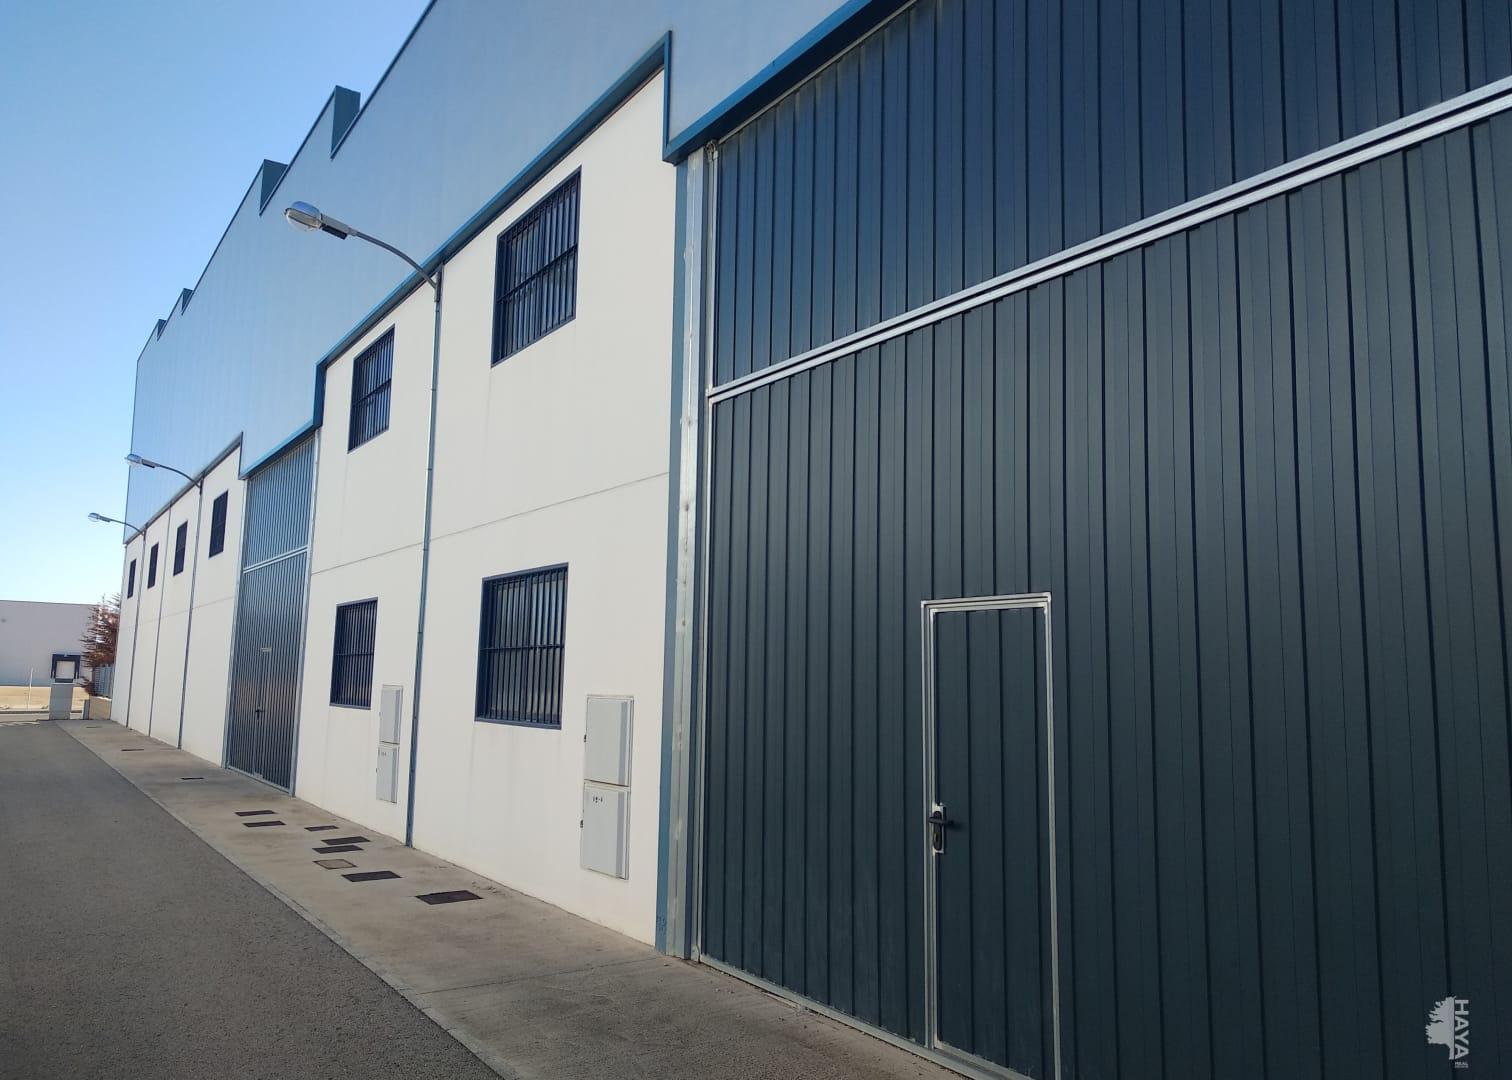 Industrial en venta en Chinchilla de Monte Aragón, Chinchilla de Monte-aragón, Albacete, Calle Caracas, 61.275 €, 225 m2